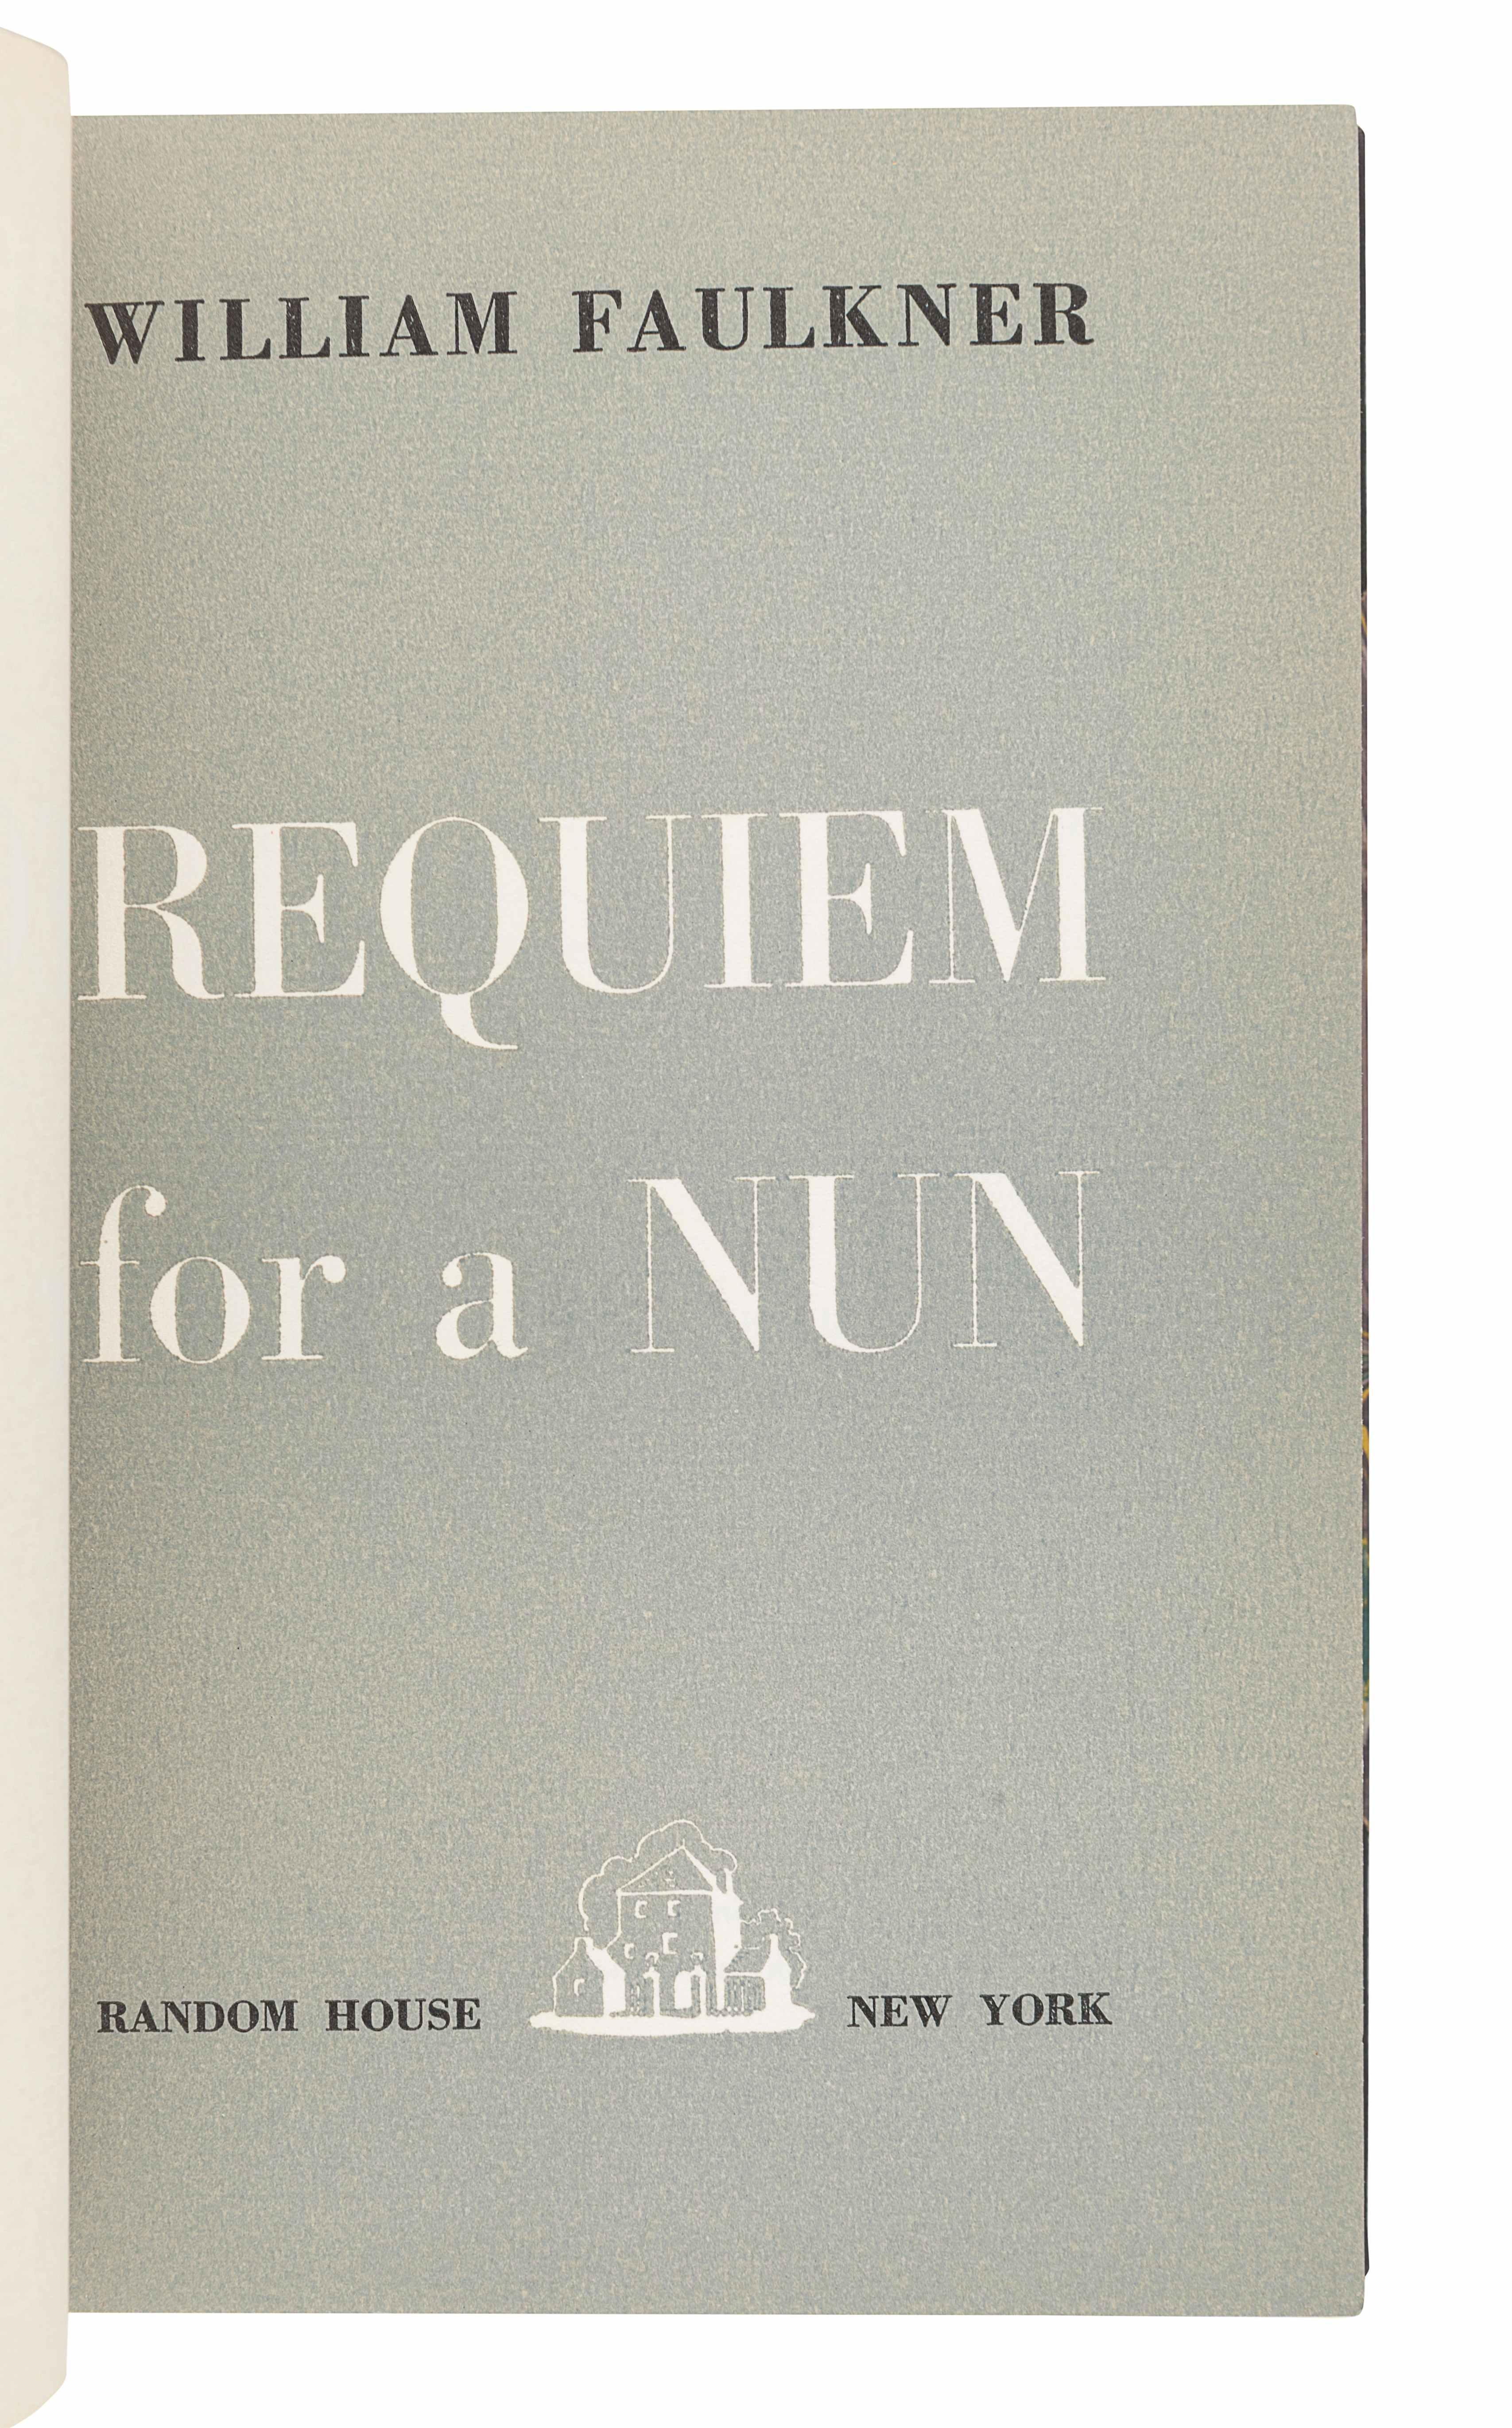 FAULKNER, William (1897-1962). Requiem for a Nun. New York: Random House, 1951. - Image 3 of 3